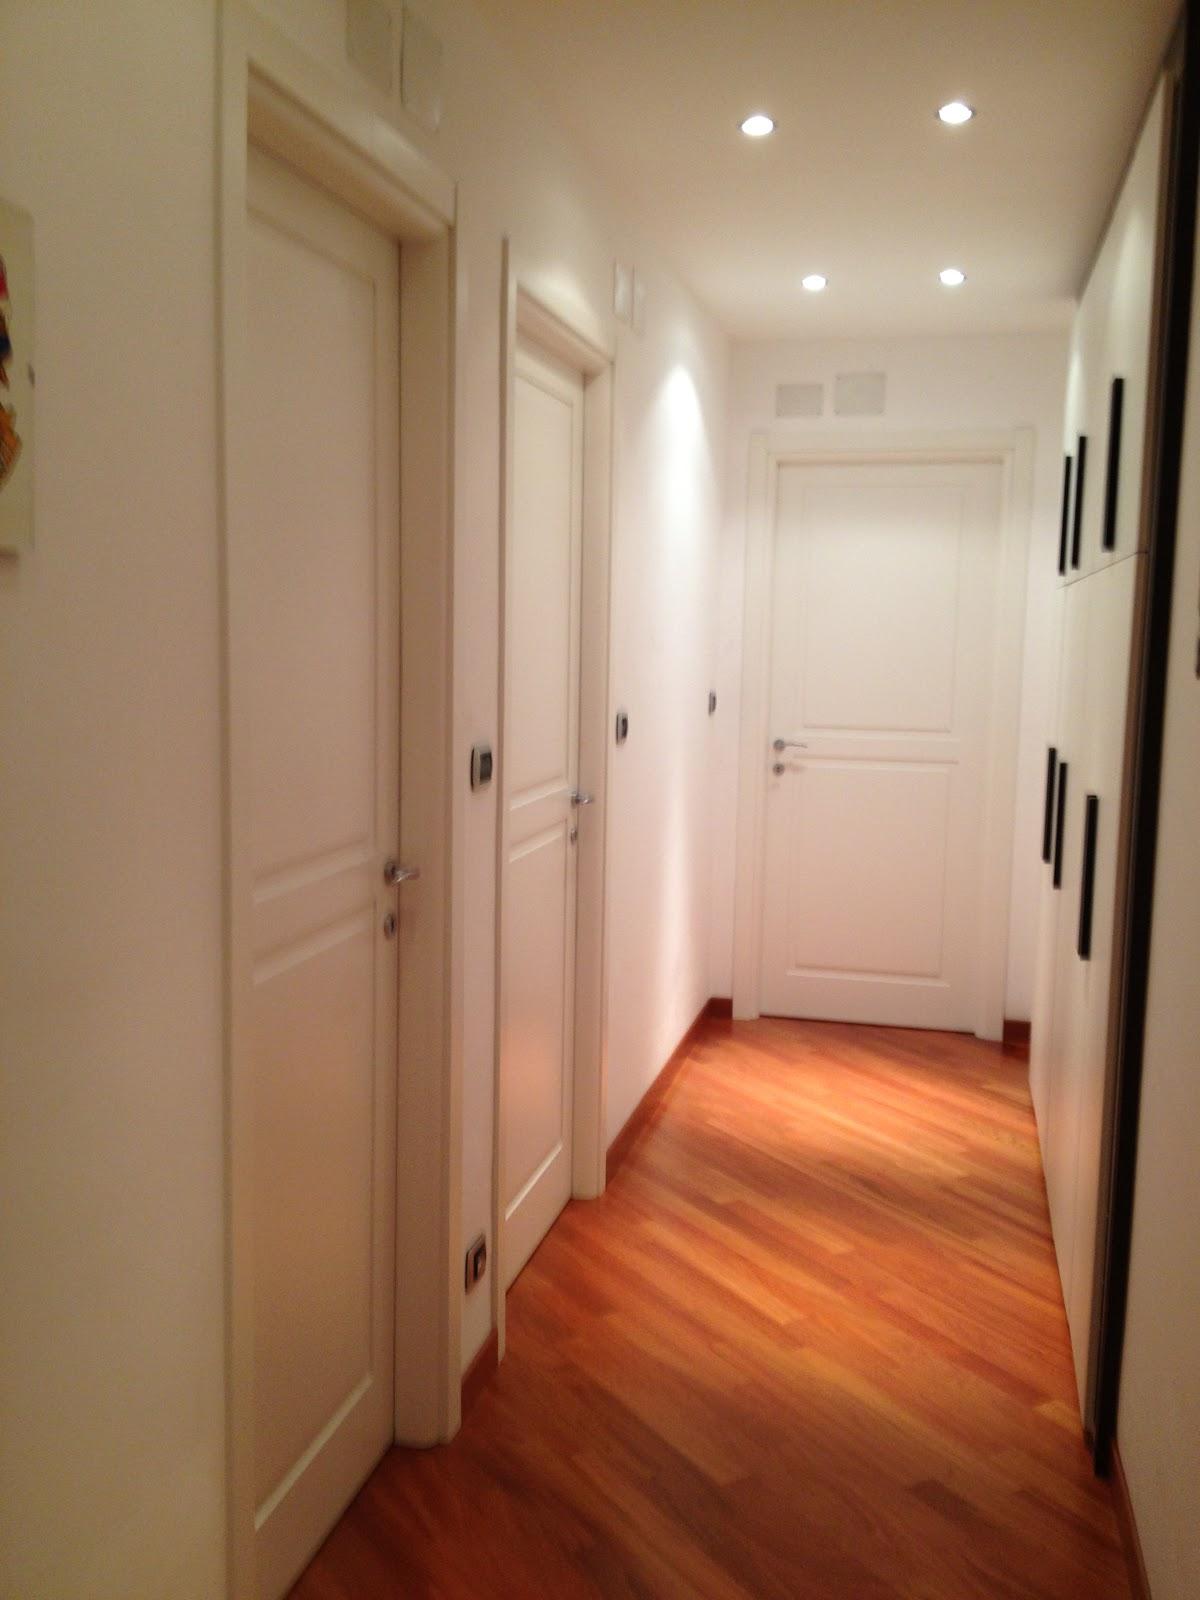 Forum aiuto scelta porte interne per casa for Arredare casa nuova